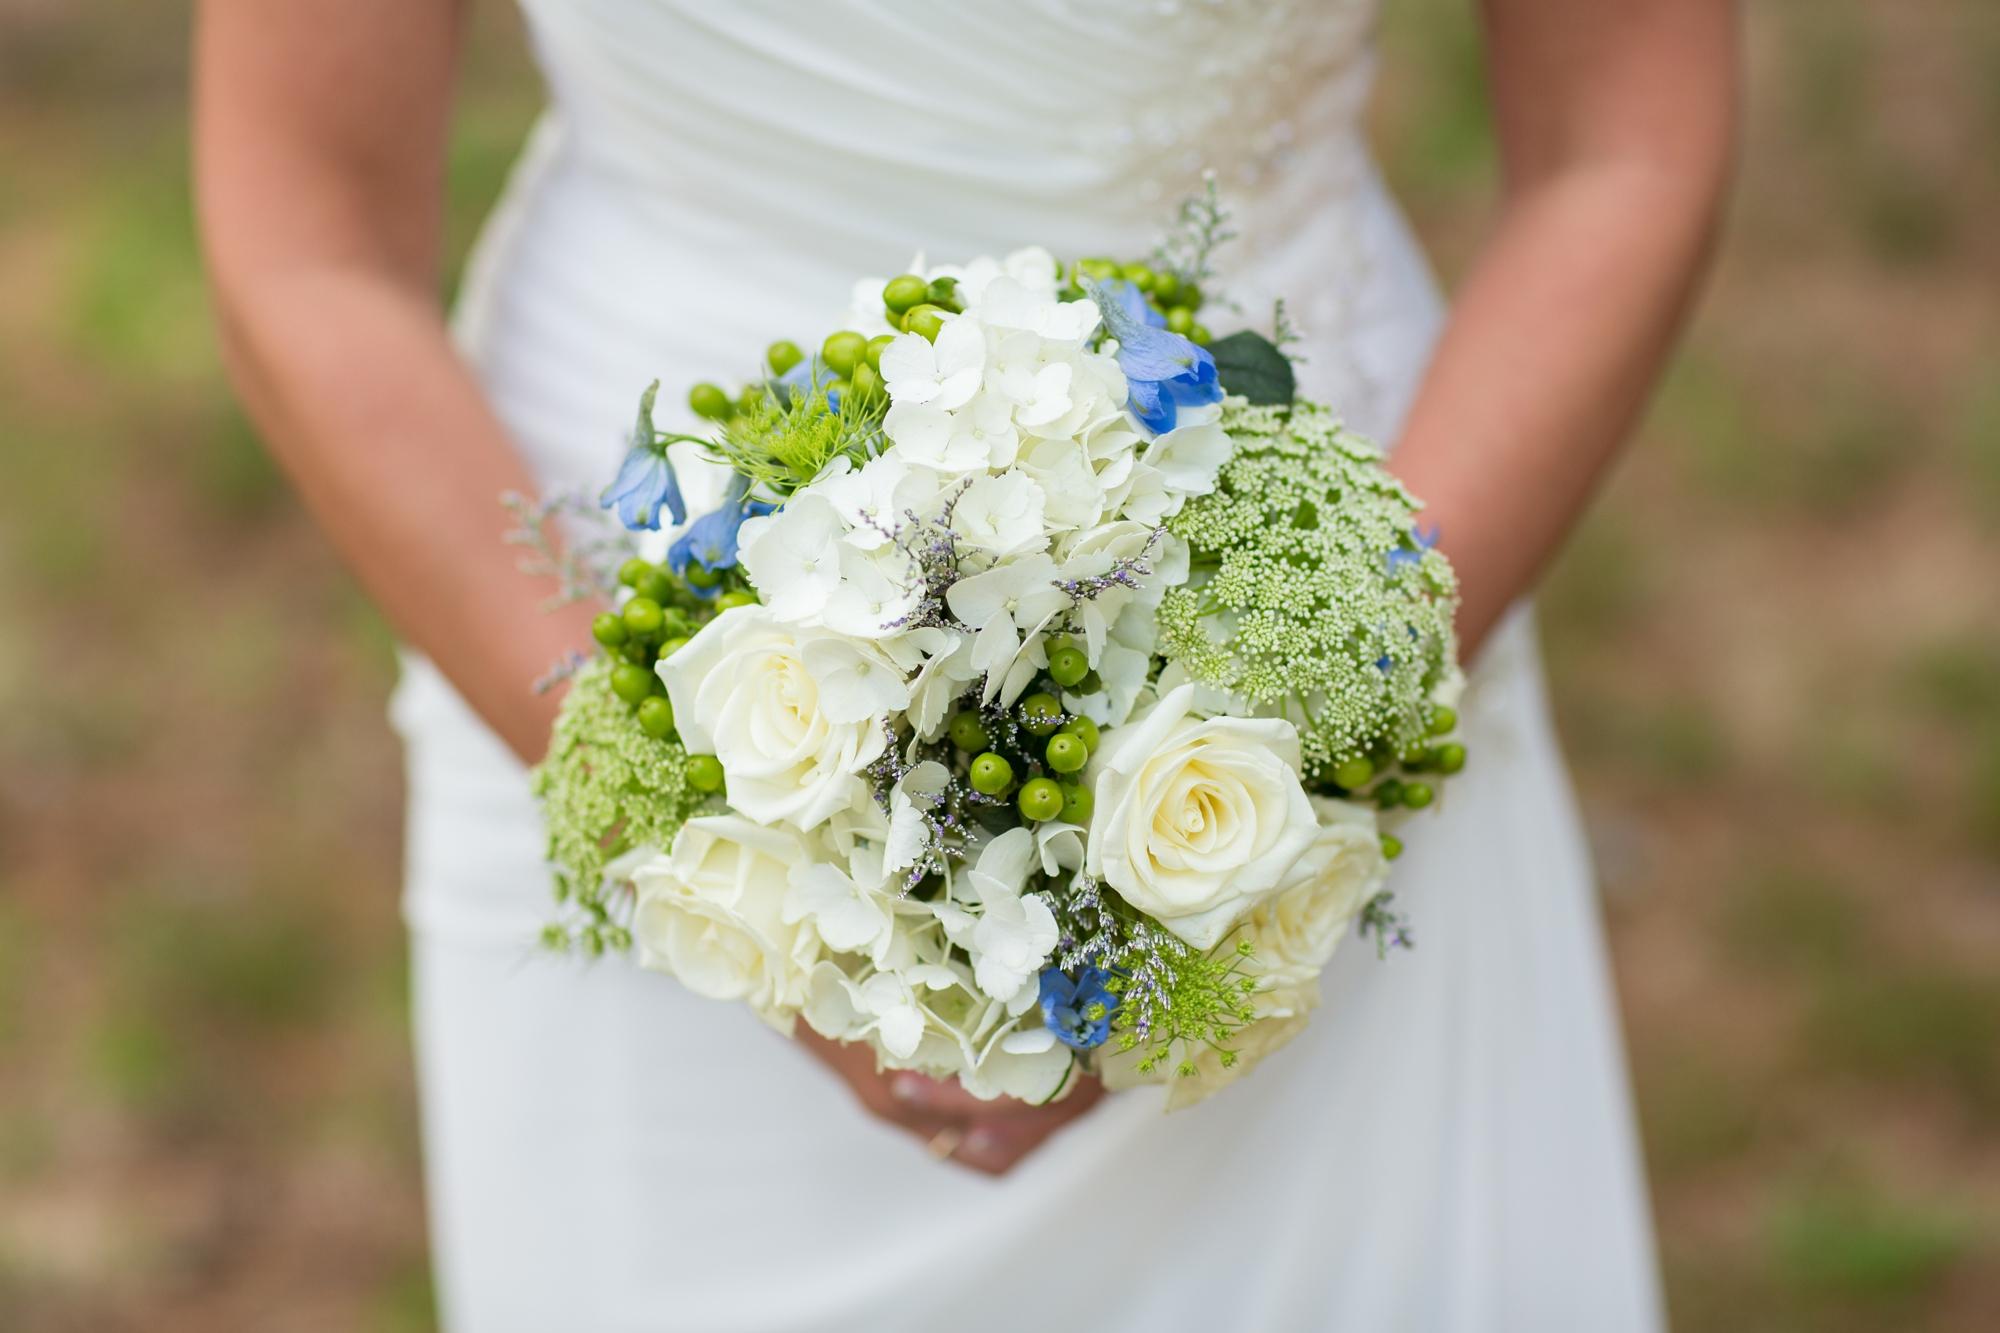 Albany NY Wedding Photographer Justin Tibbitts Photography 2014 Best of Albany NY Weddings-4617760